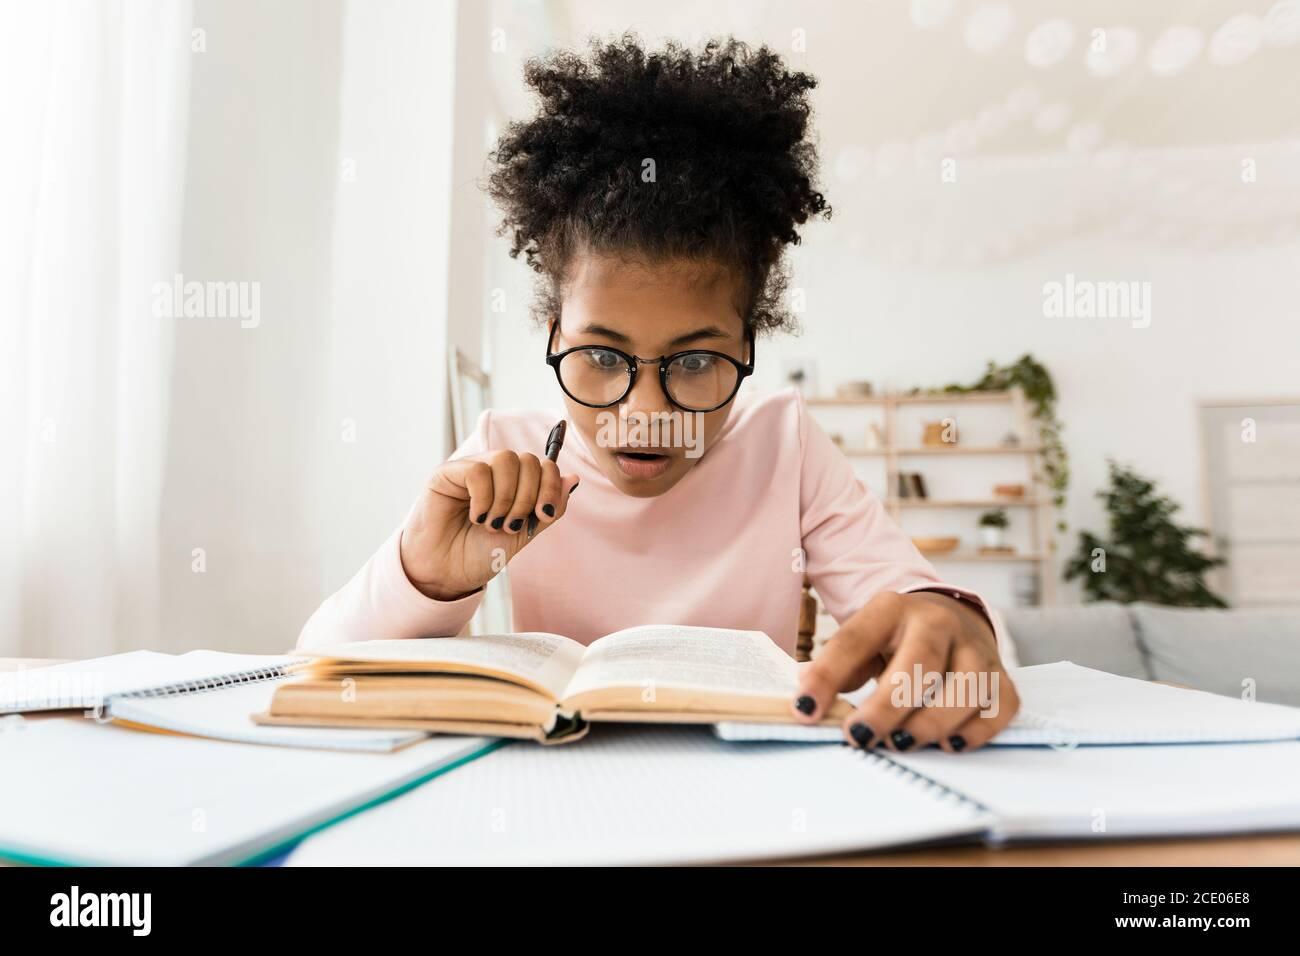 Libro de lectura de la muchacha adolescente africana sorprendida haciendo tareas en el hogar Foto de stock